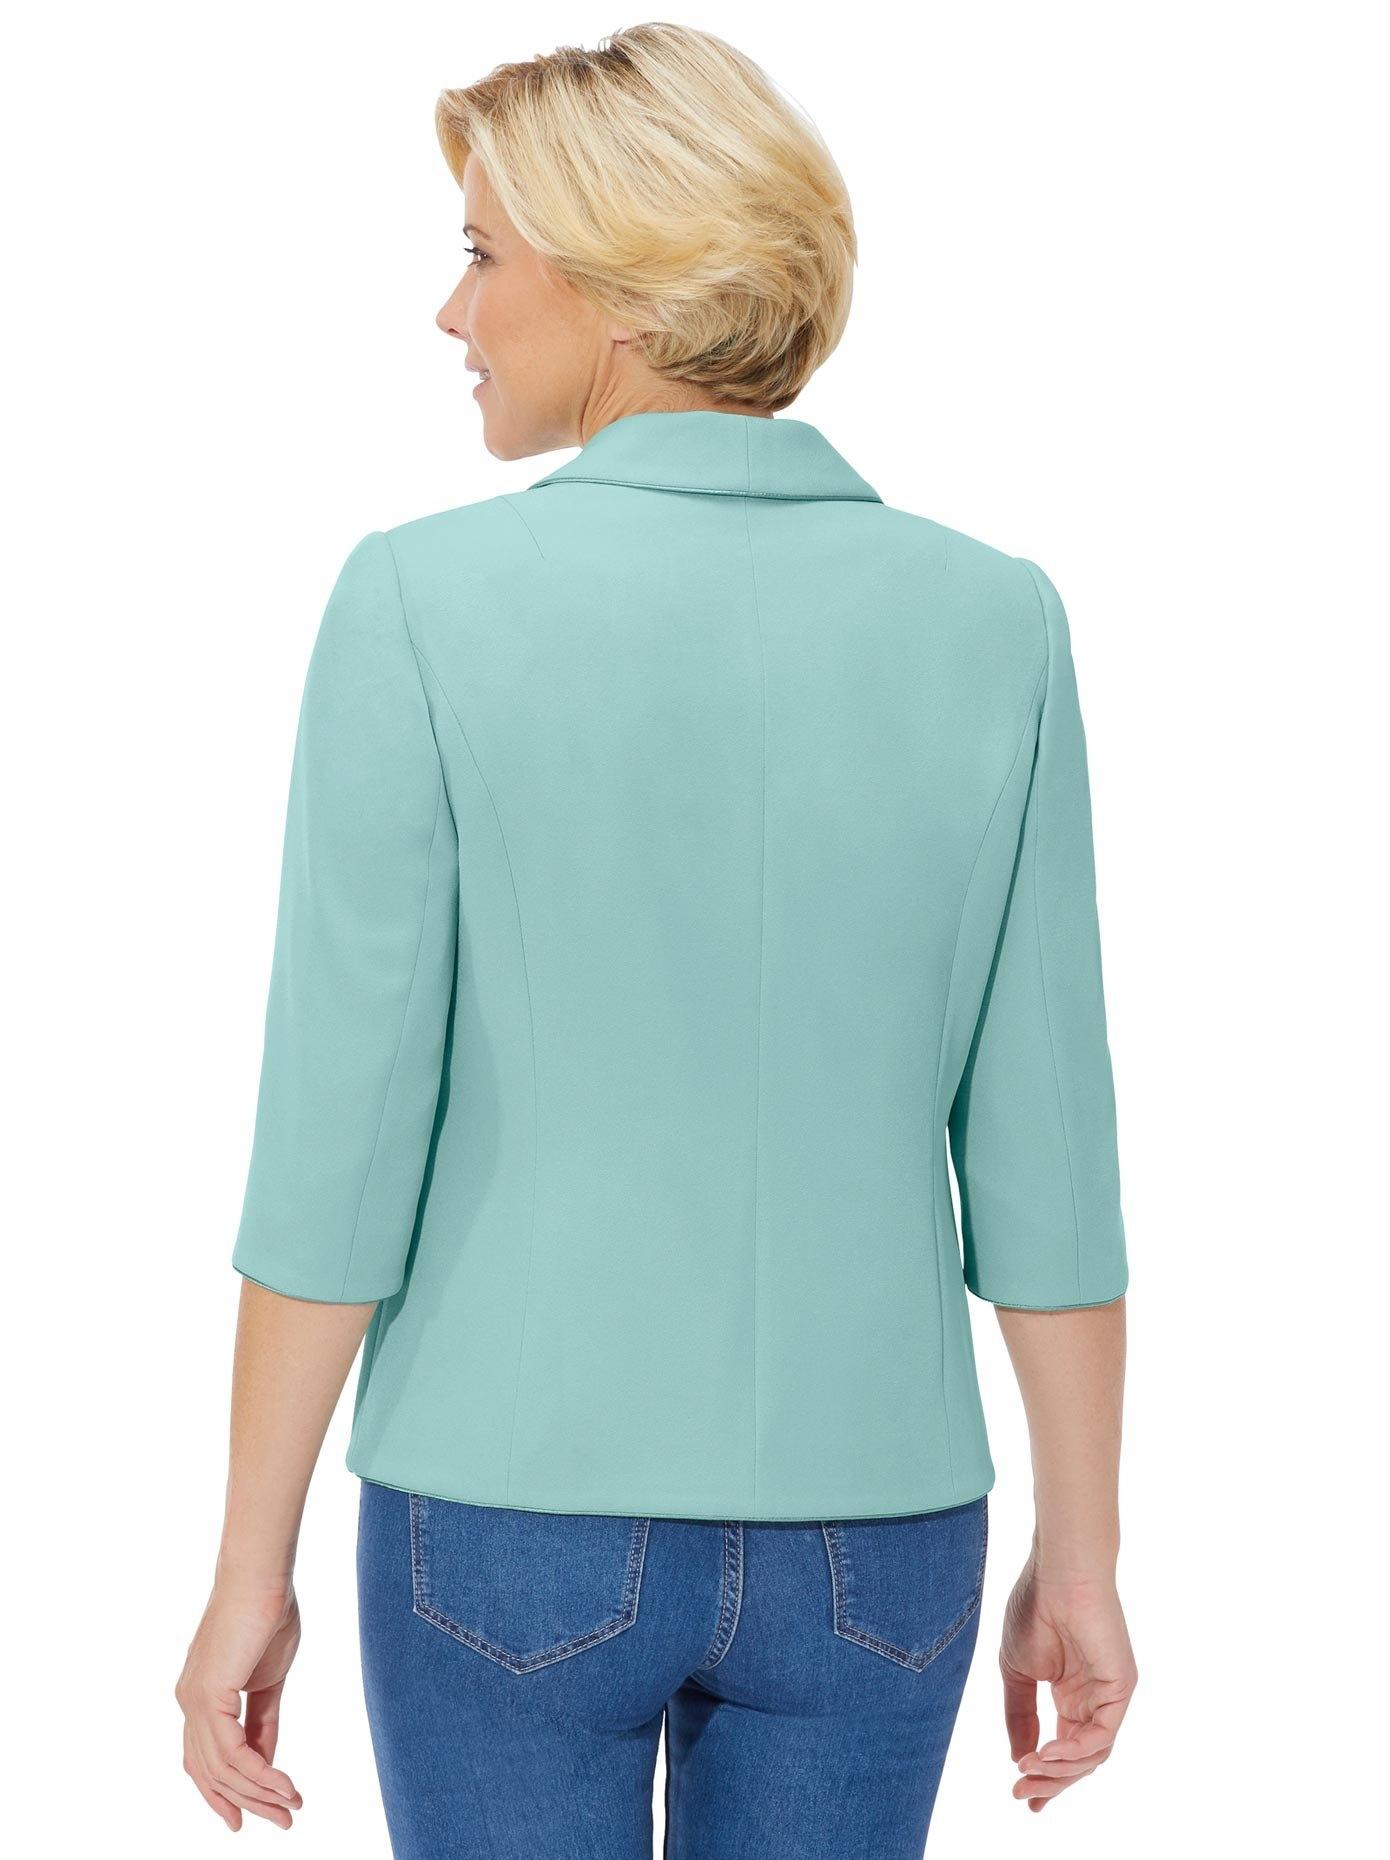 Classic jasje online kopen op otto.nl